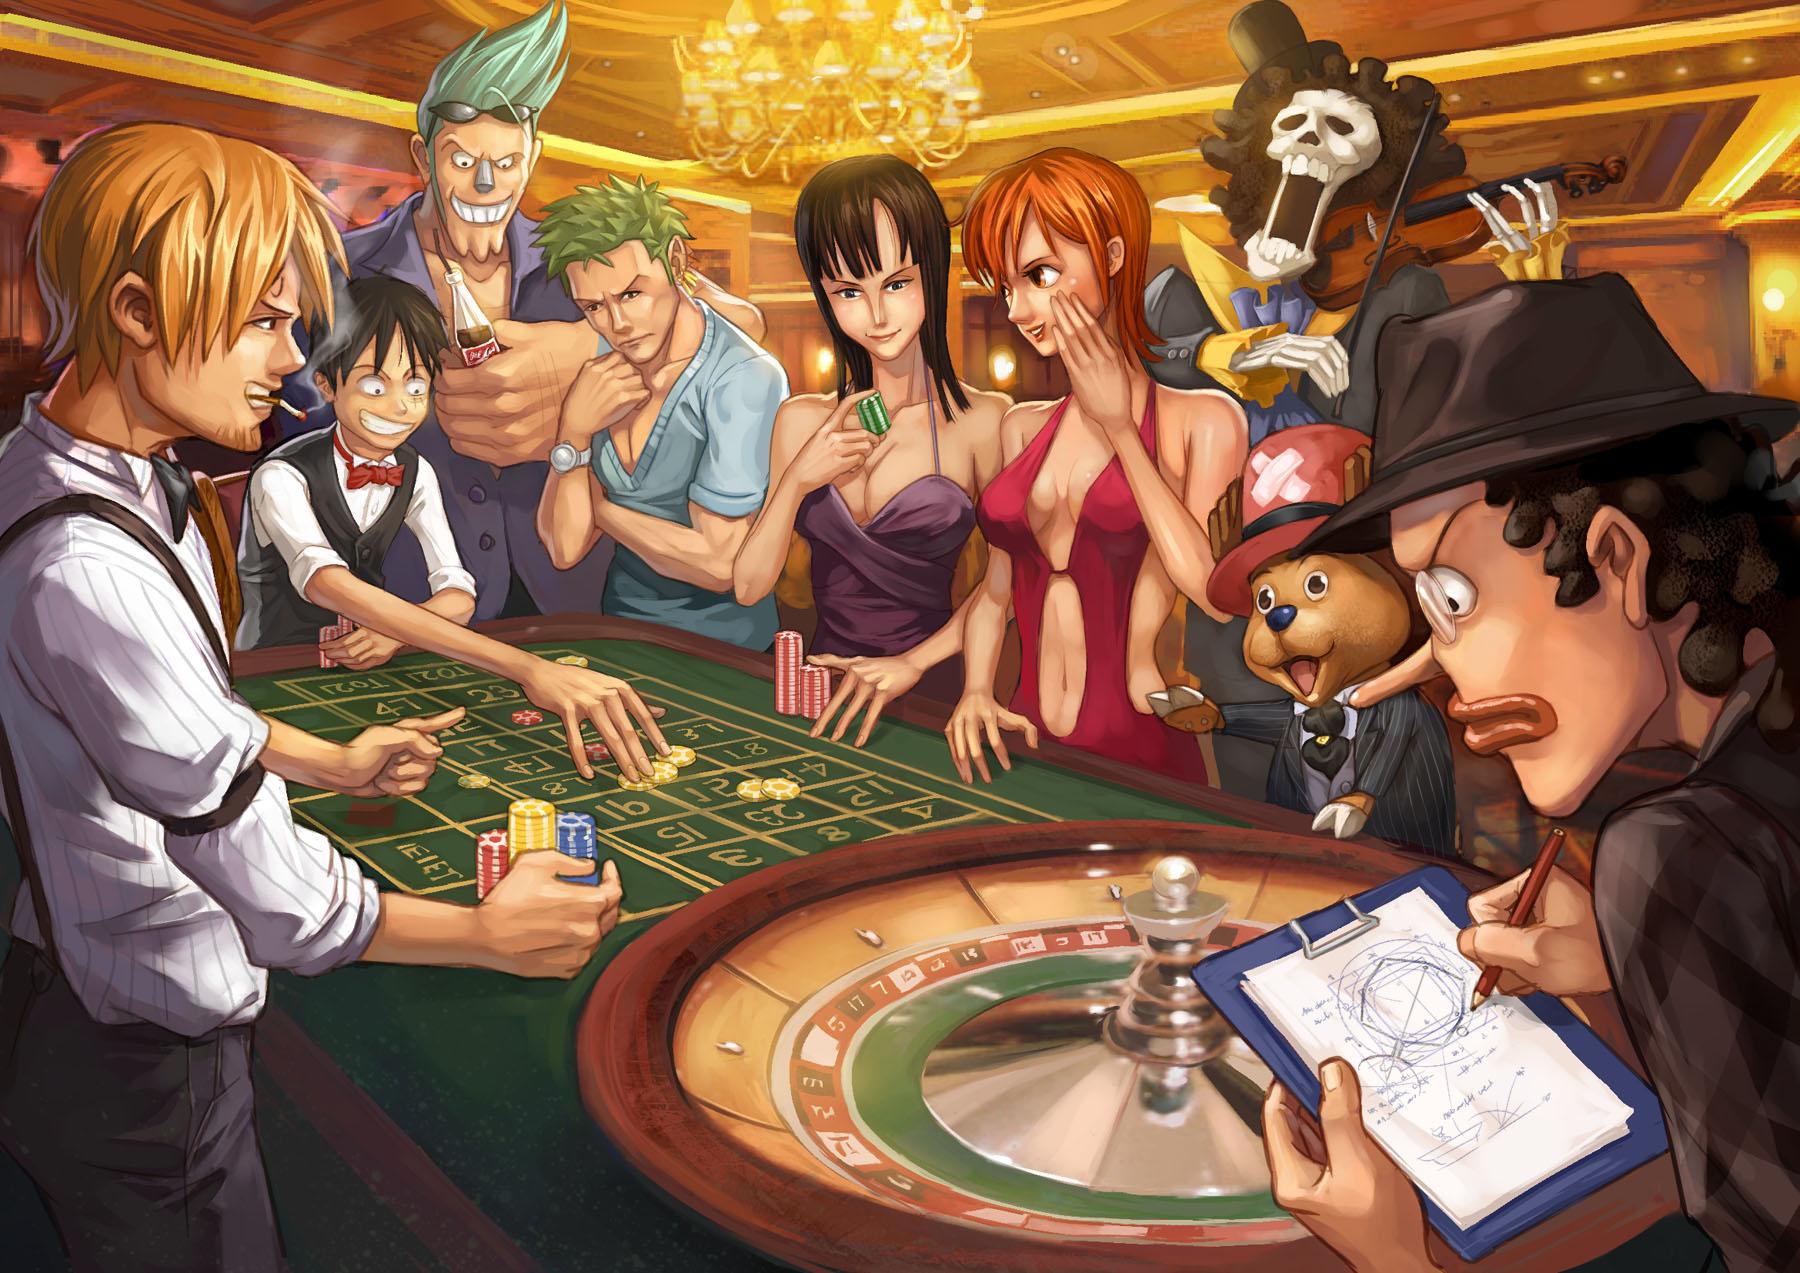 One Piece Anime Digital Artworks   One Piece Discoveries One Piece 1800x1273